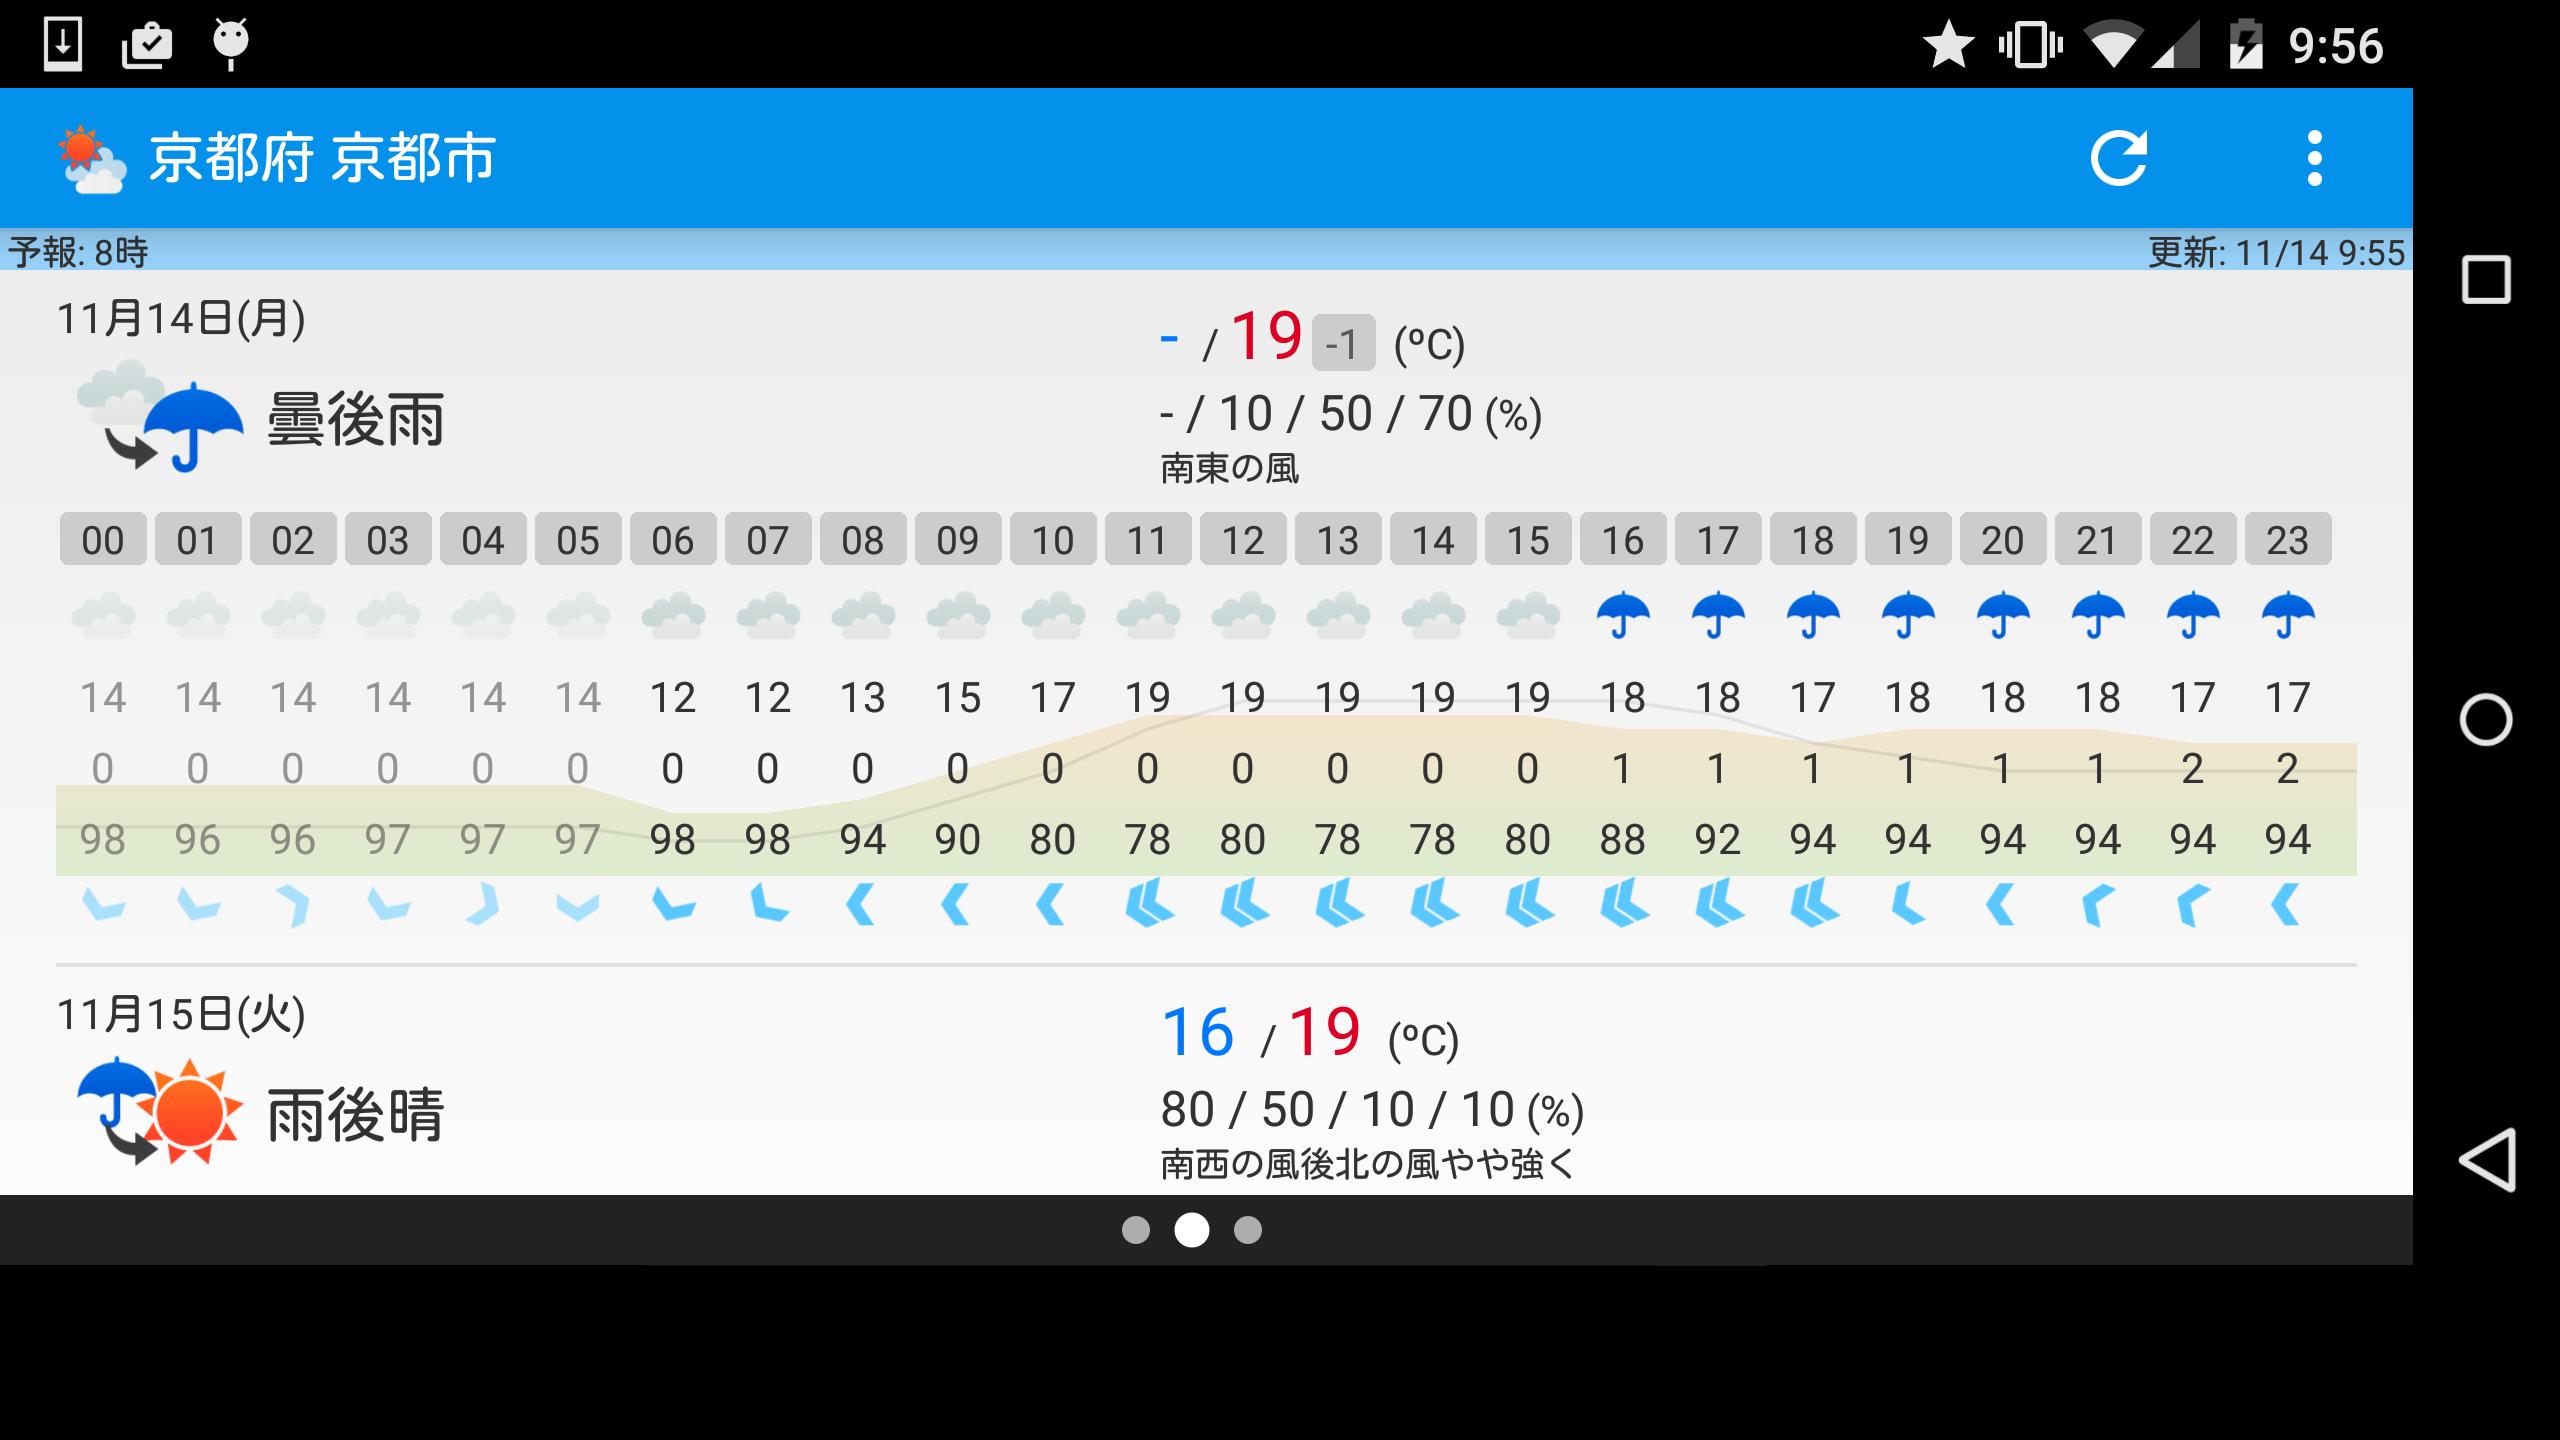 新発田 市 の 1 時間 ごと の 天気 新発田市の1時間天気 - Infoseek